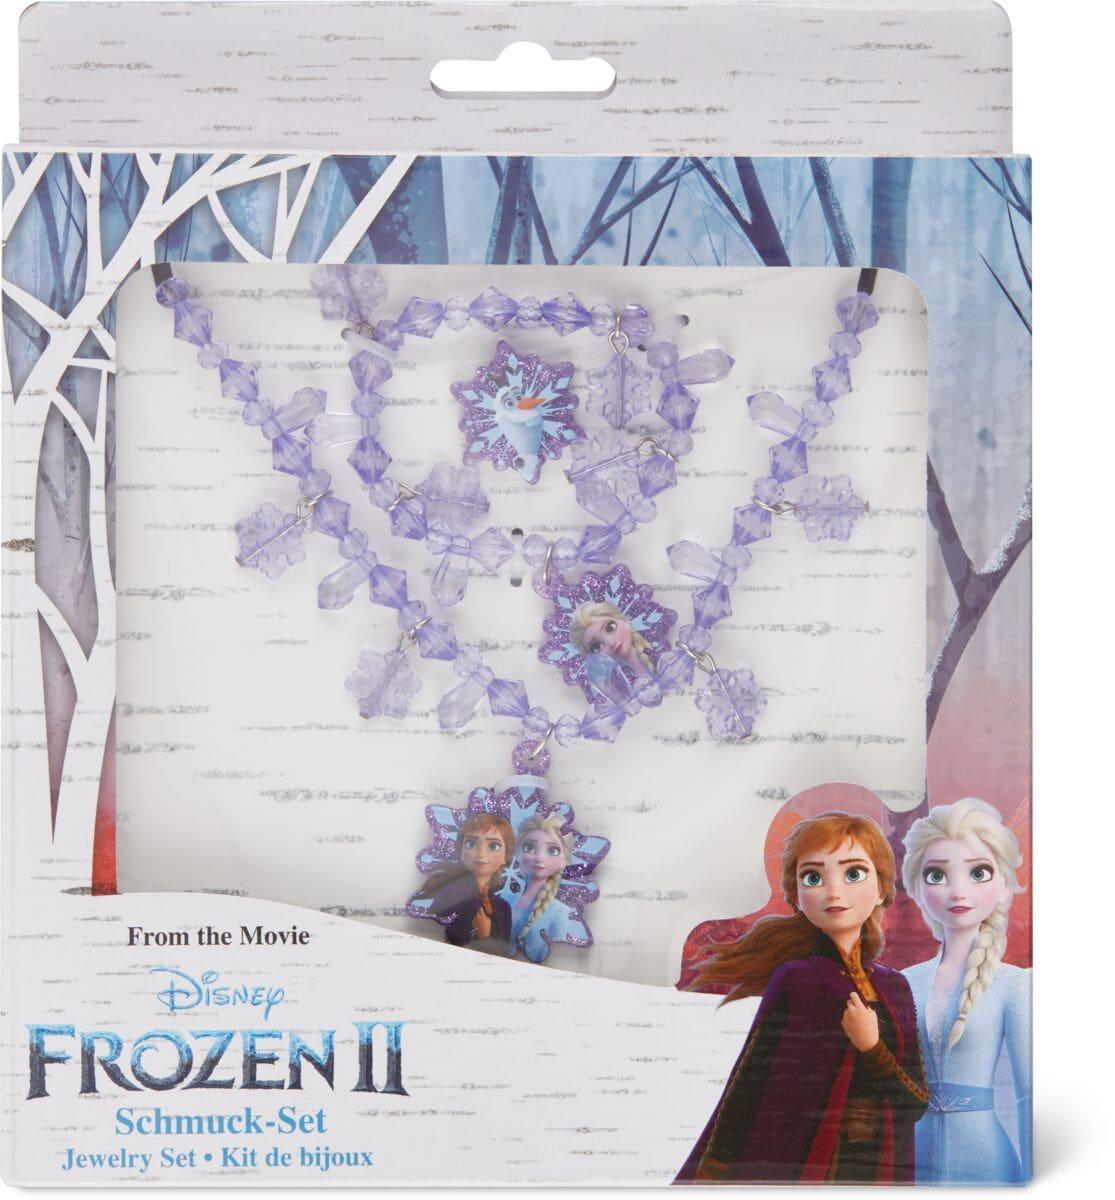 Disney Frozen 2 Jewelery Set Schmuck